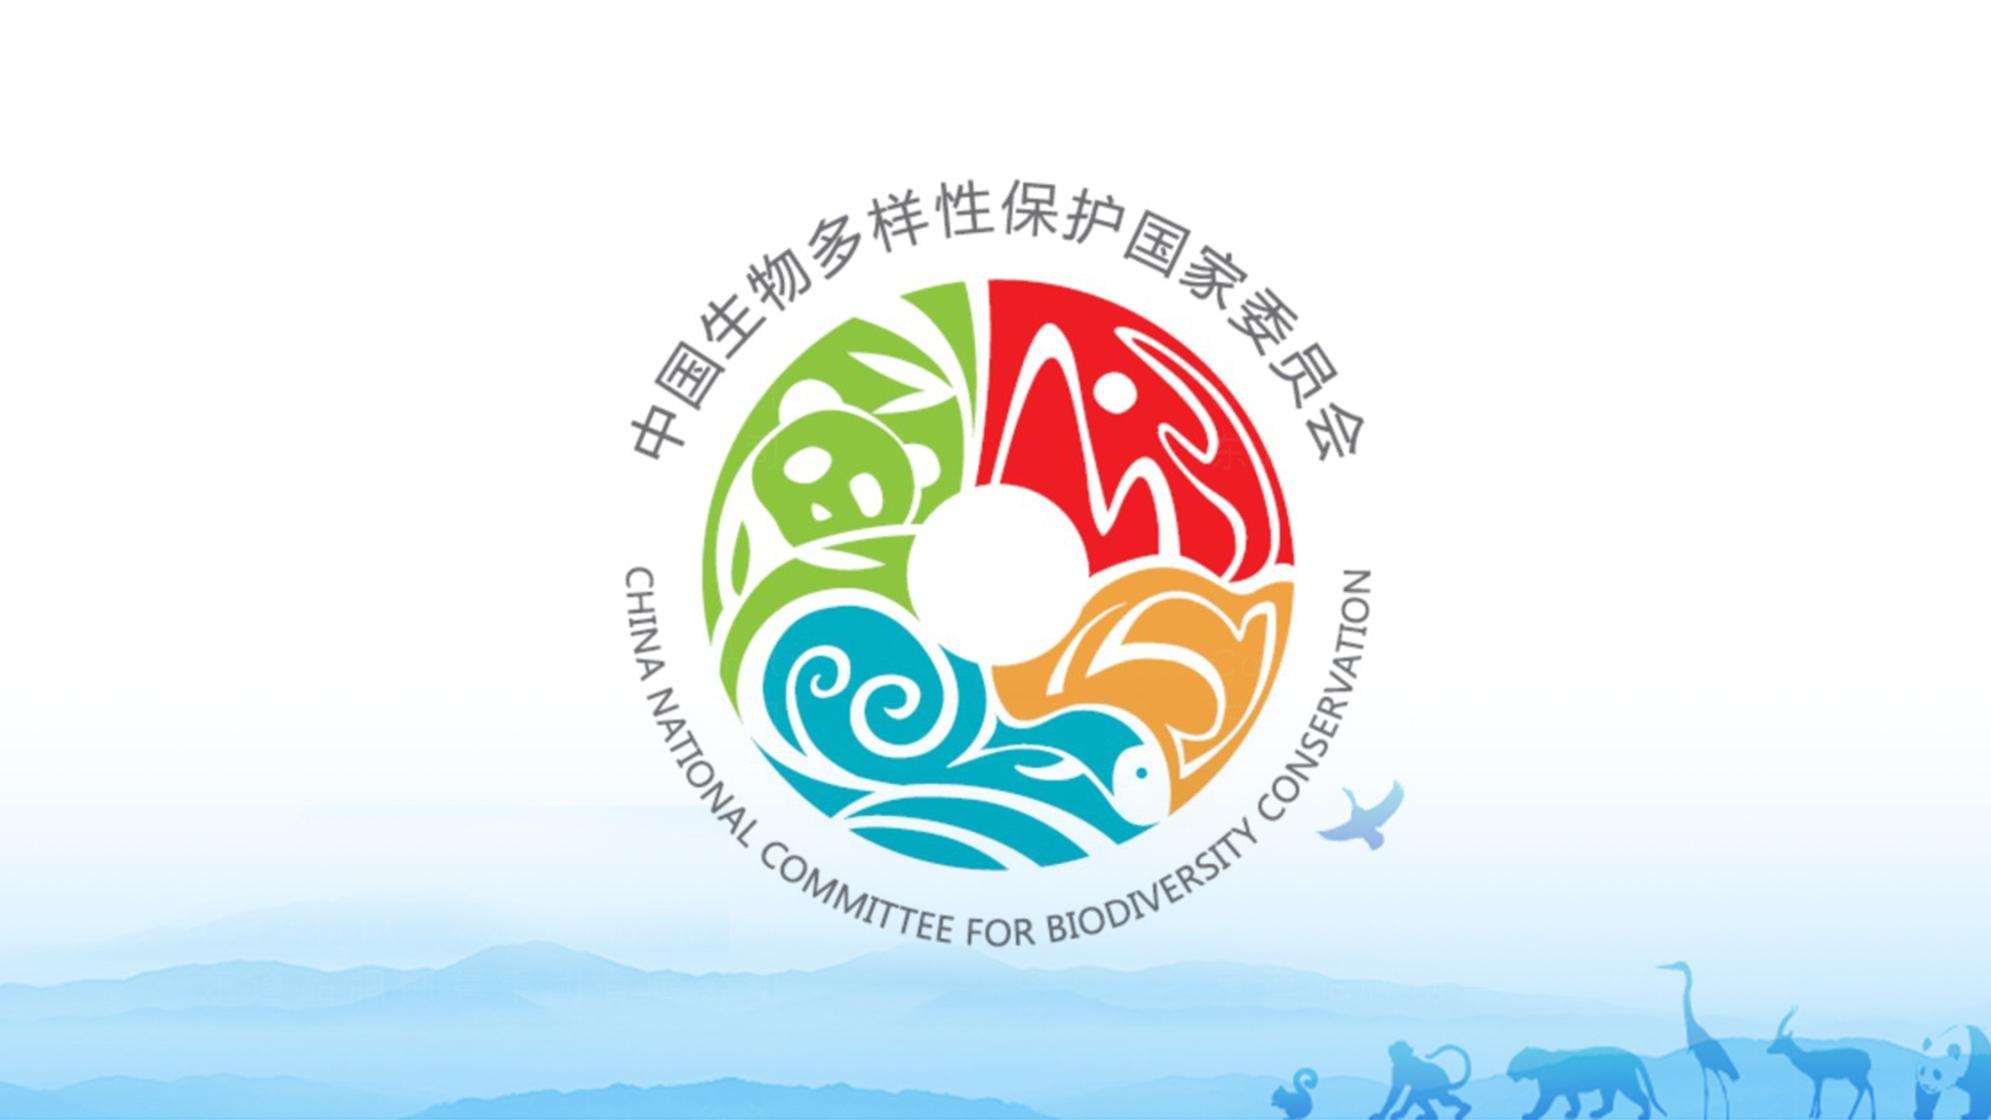 企業品牌logo設計